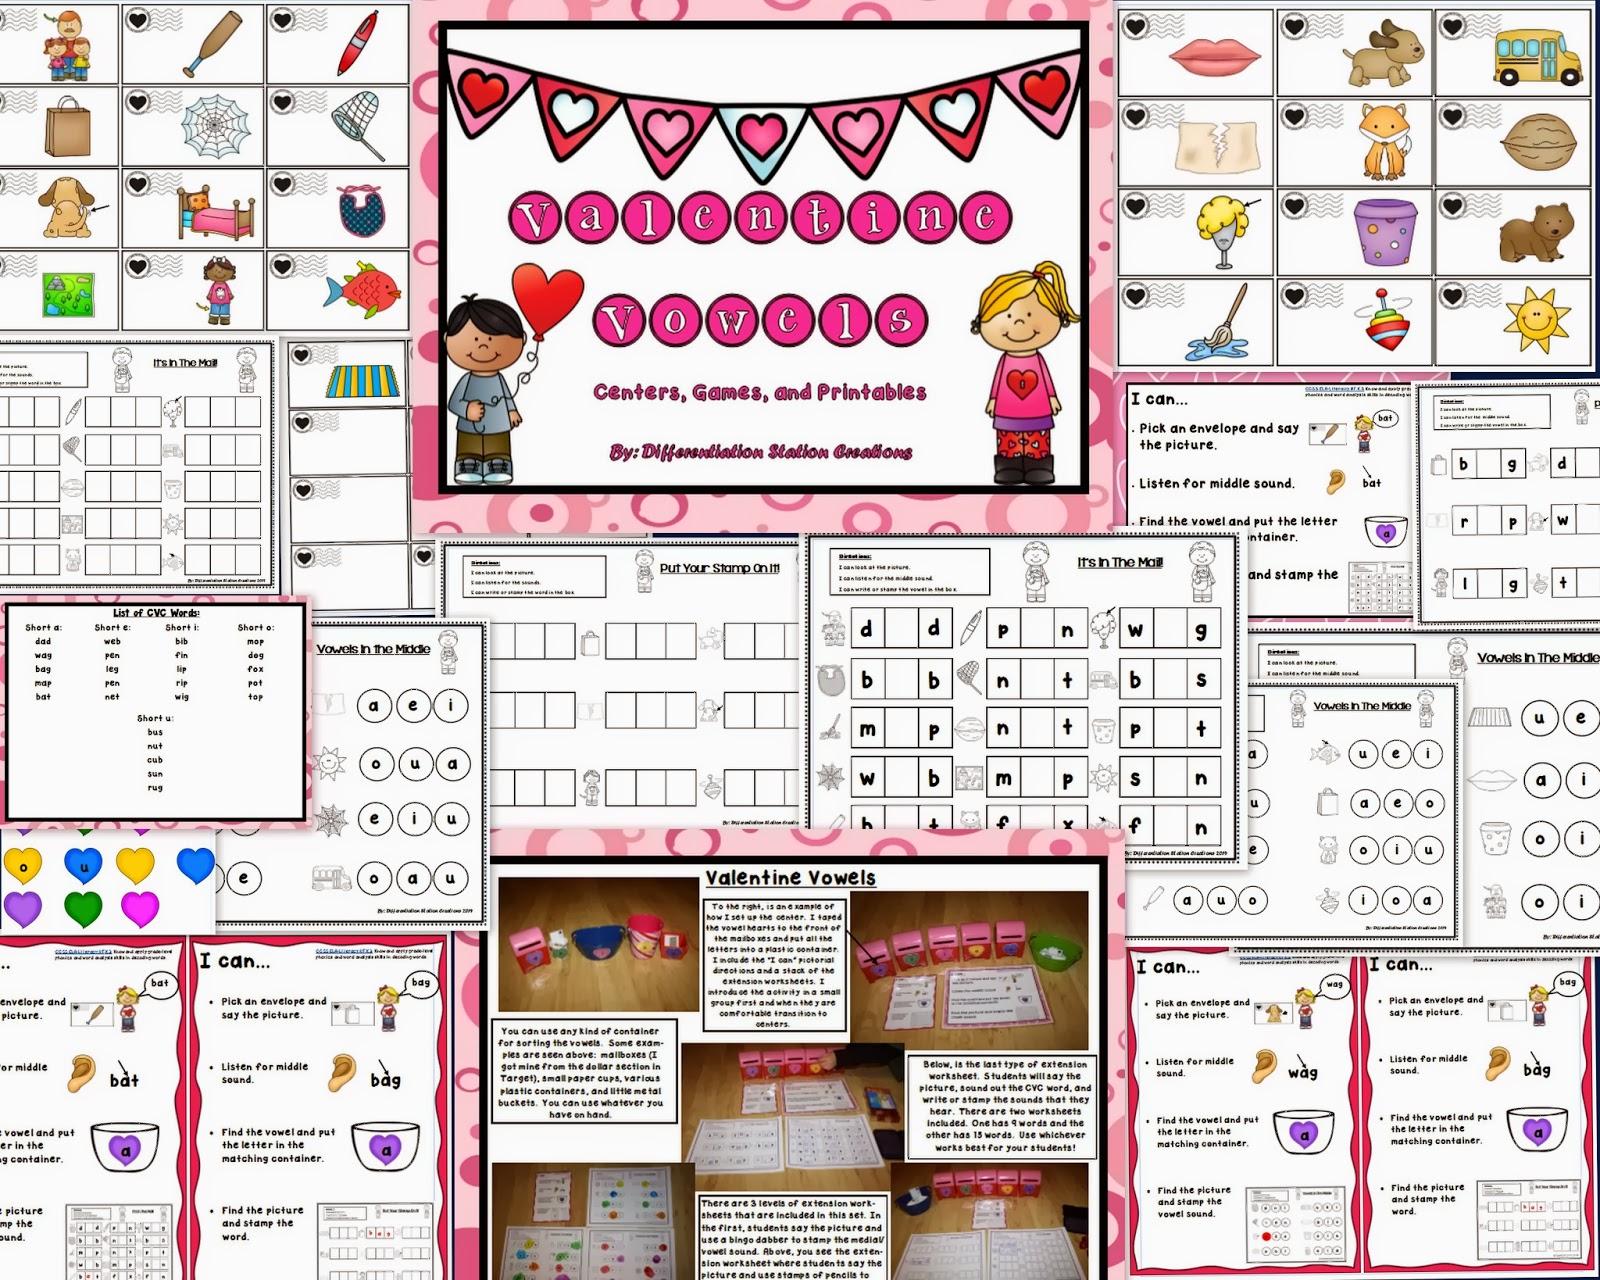 http://www.teacherspayteachers.com/Product/Valentine-Vowels-CVC-Words-Medial-Vowel-Sounds-Center-Printables-1103033